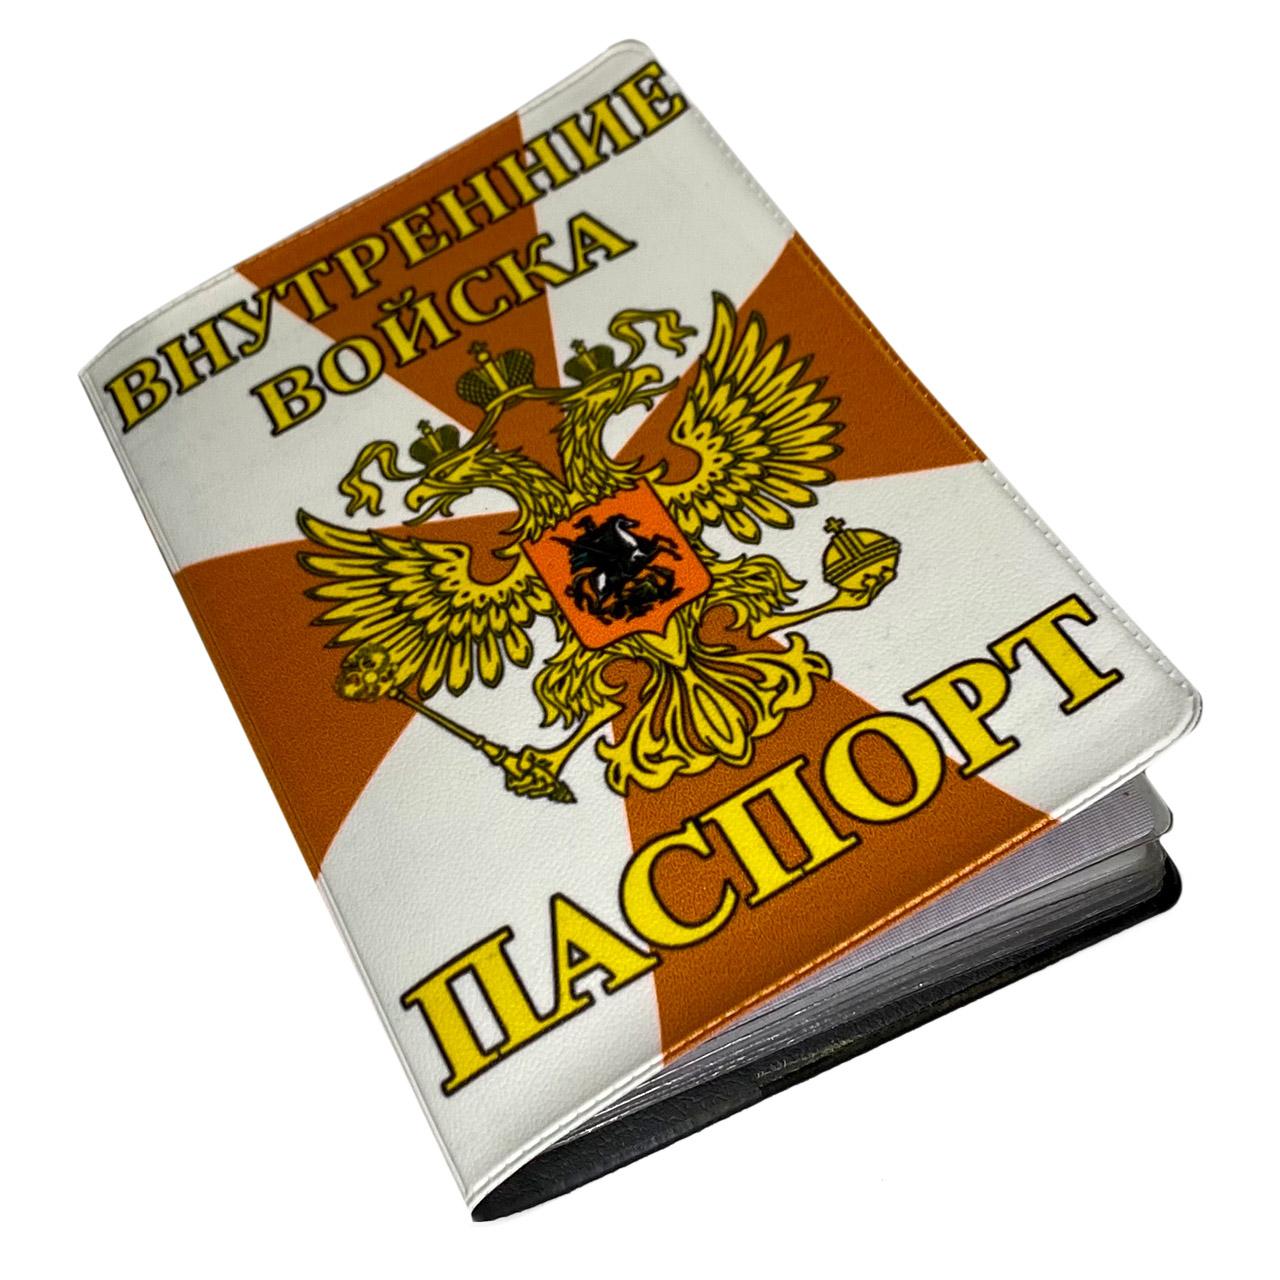 Купить обложку на паспорт «Боец Внутренних войск» по самой низкой цене